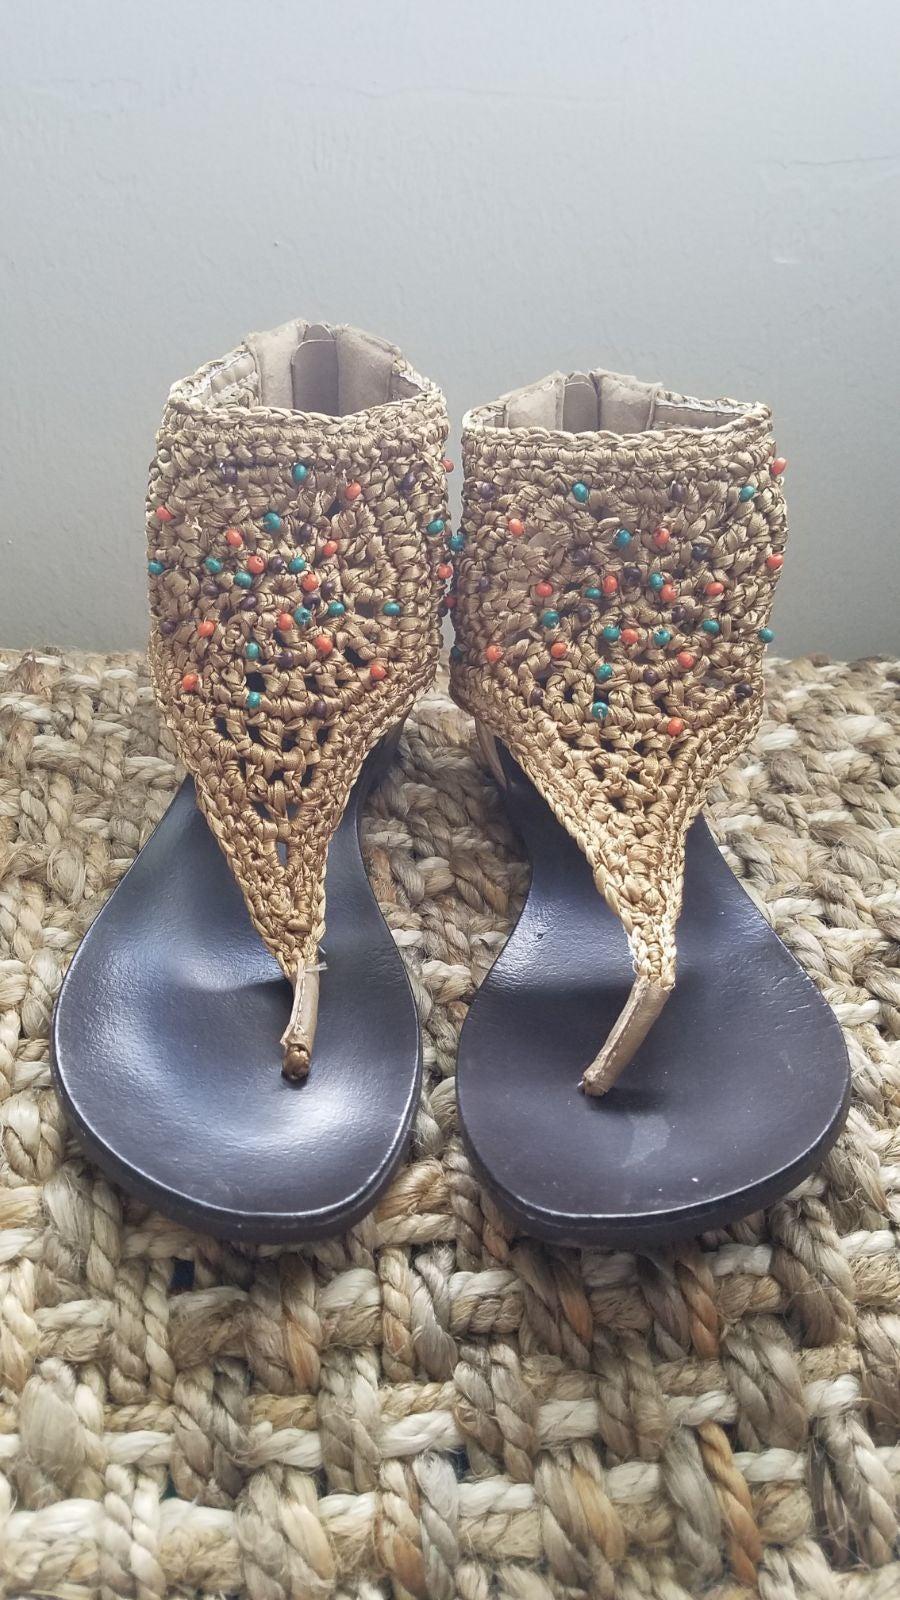 XOXO  Beaded Knit Gladiators 7.5/37.5